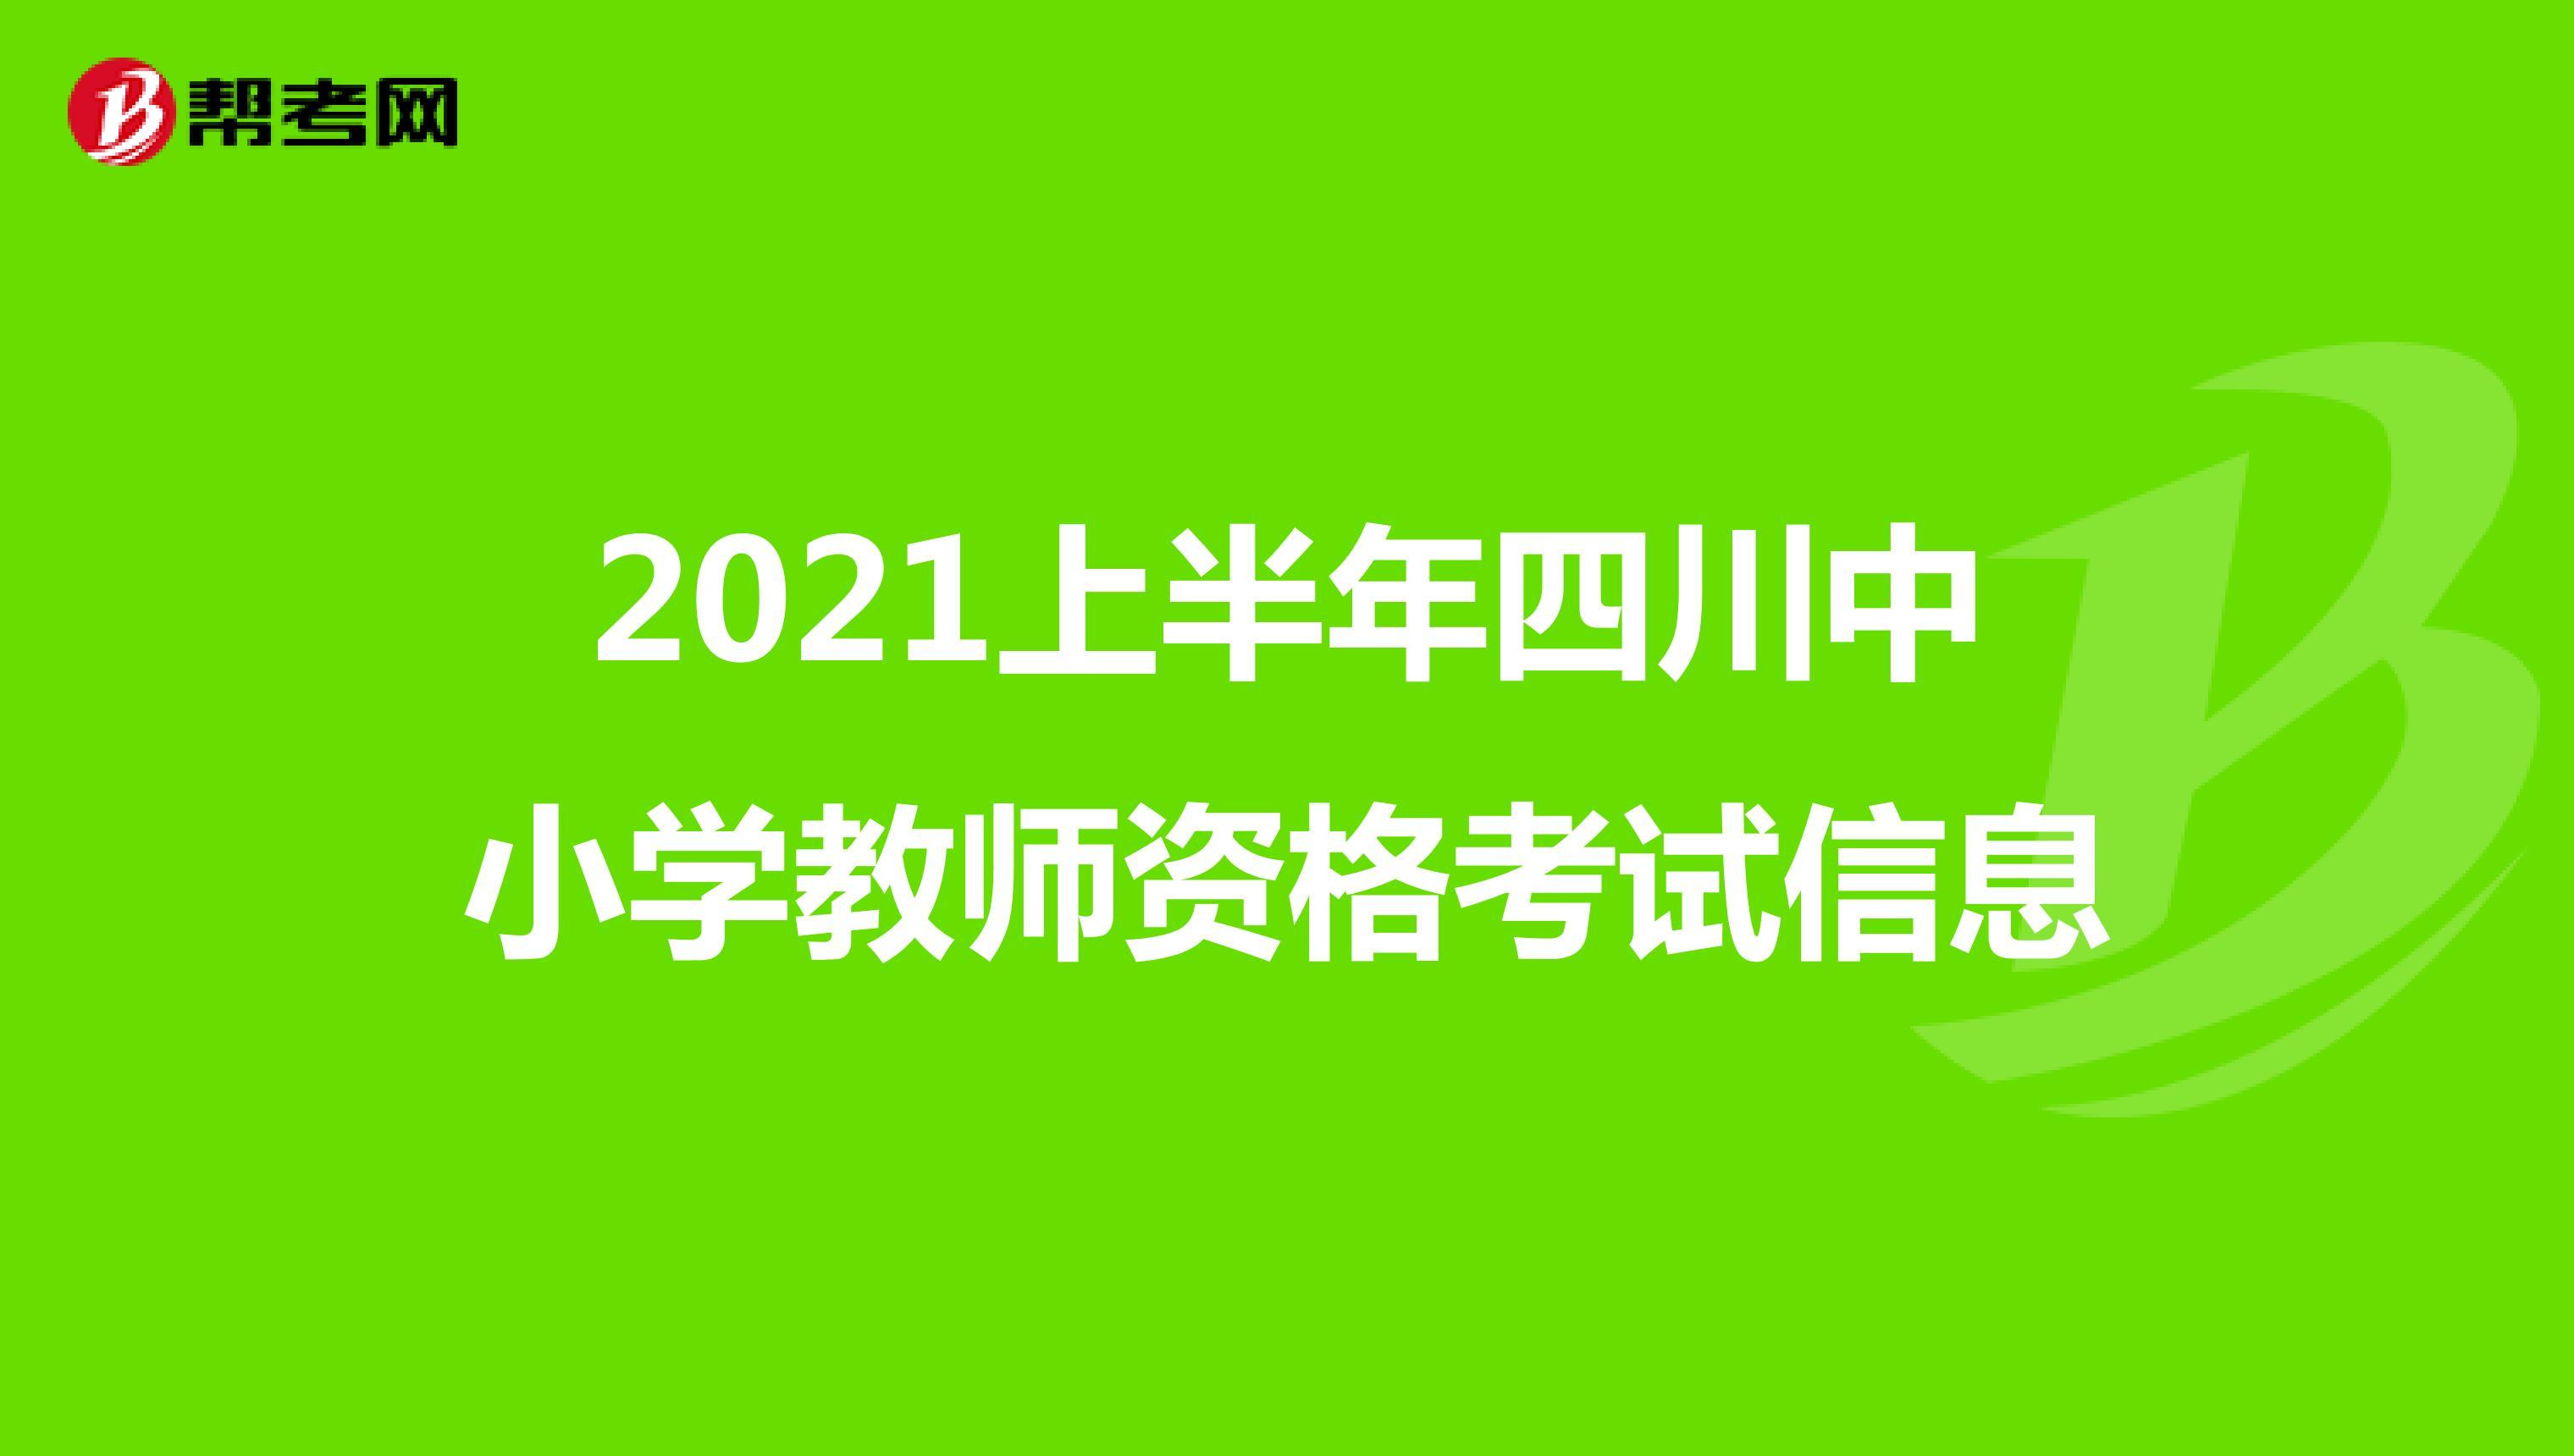 2021上半年四川中小学教师资格考试信息